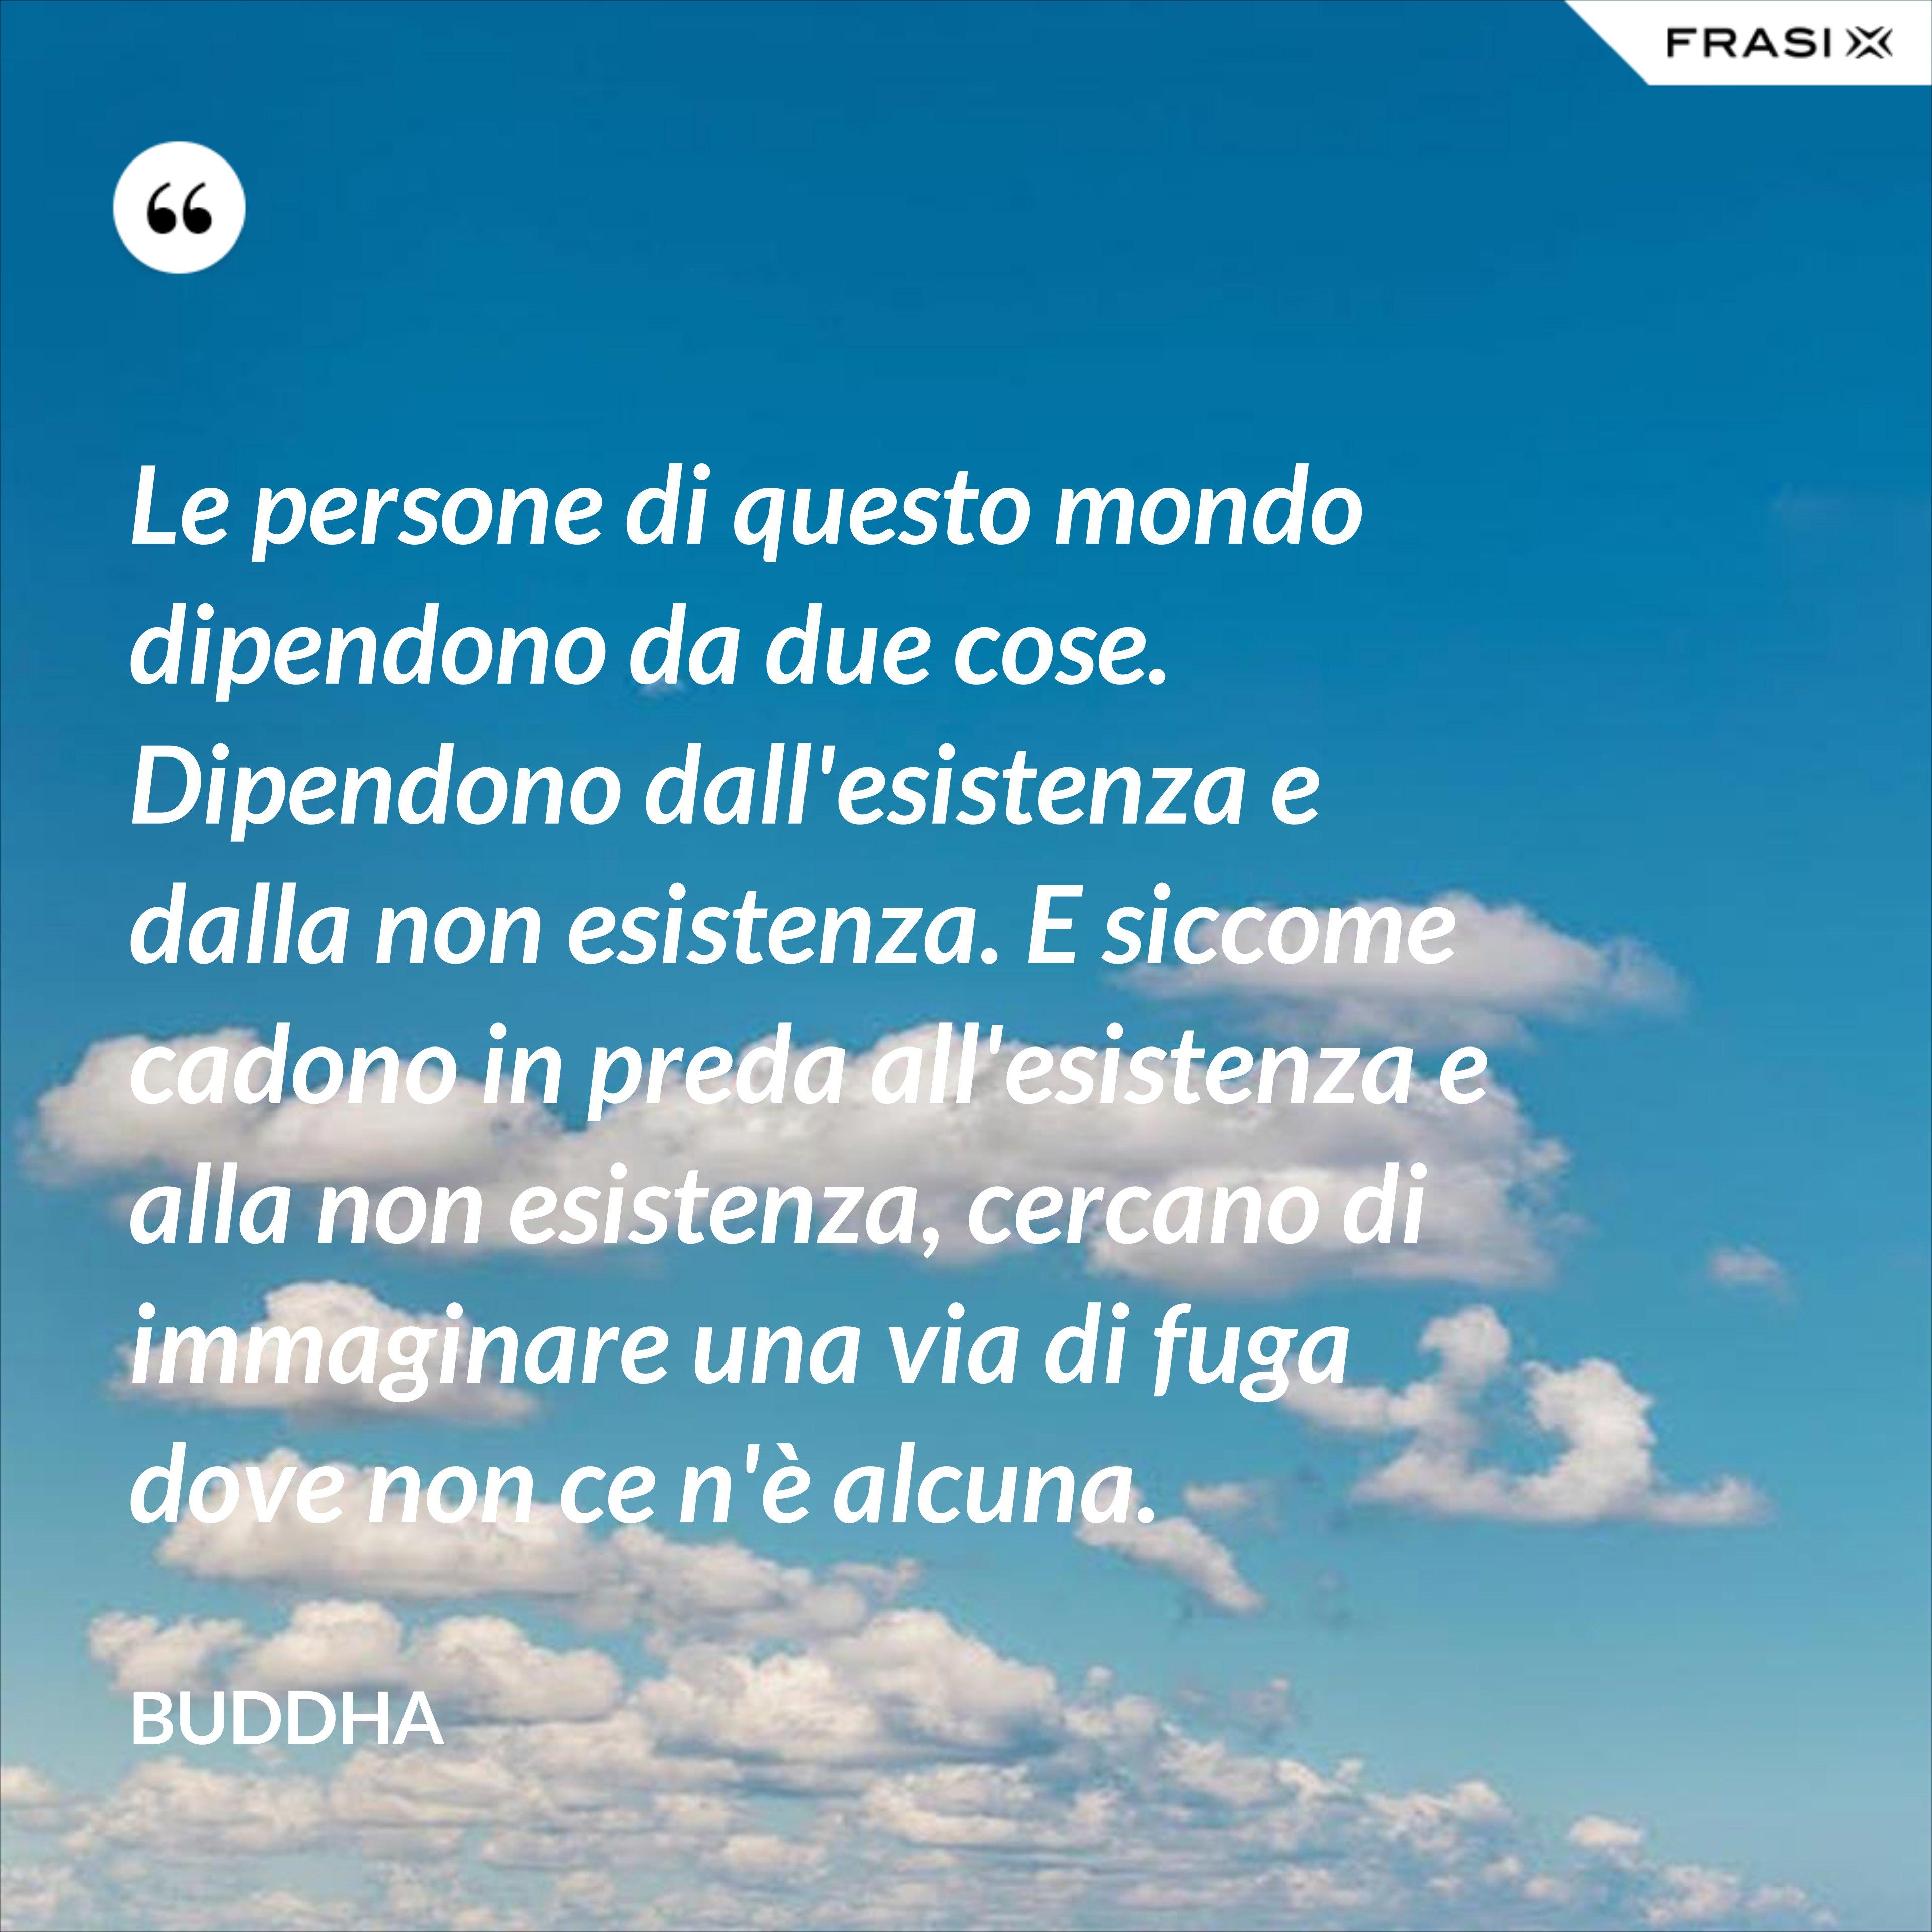 Le persone di questo mondo dipendono da due cose. Dipendono dall'esistenza e dalla non esistenza. E siccome cadono in preda all'esistenza e alla non esistenza, cercano di immaginare una via di fuga dove non ce n'è alcuna. - Buddha